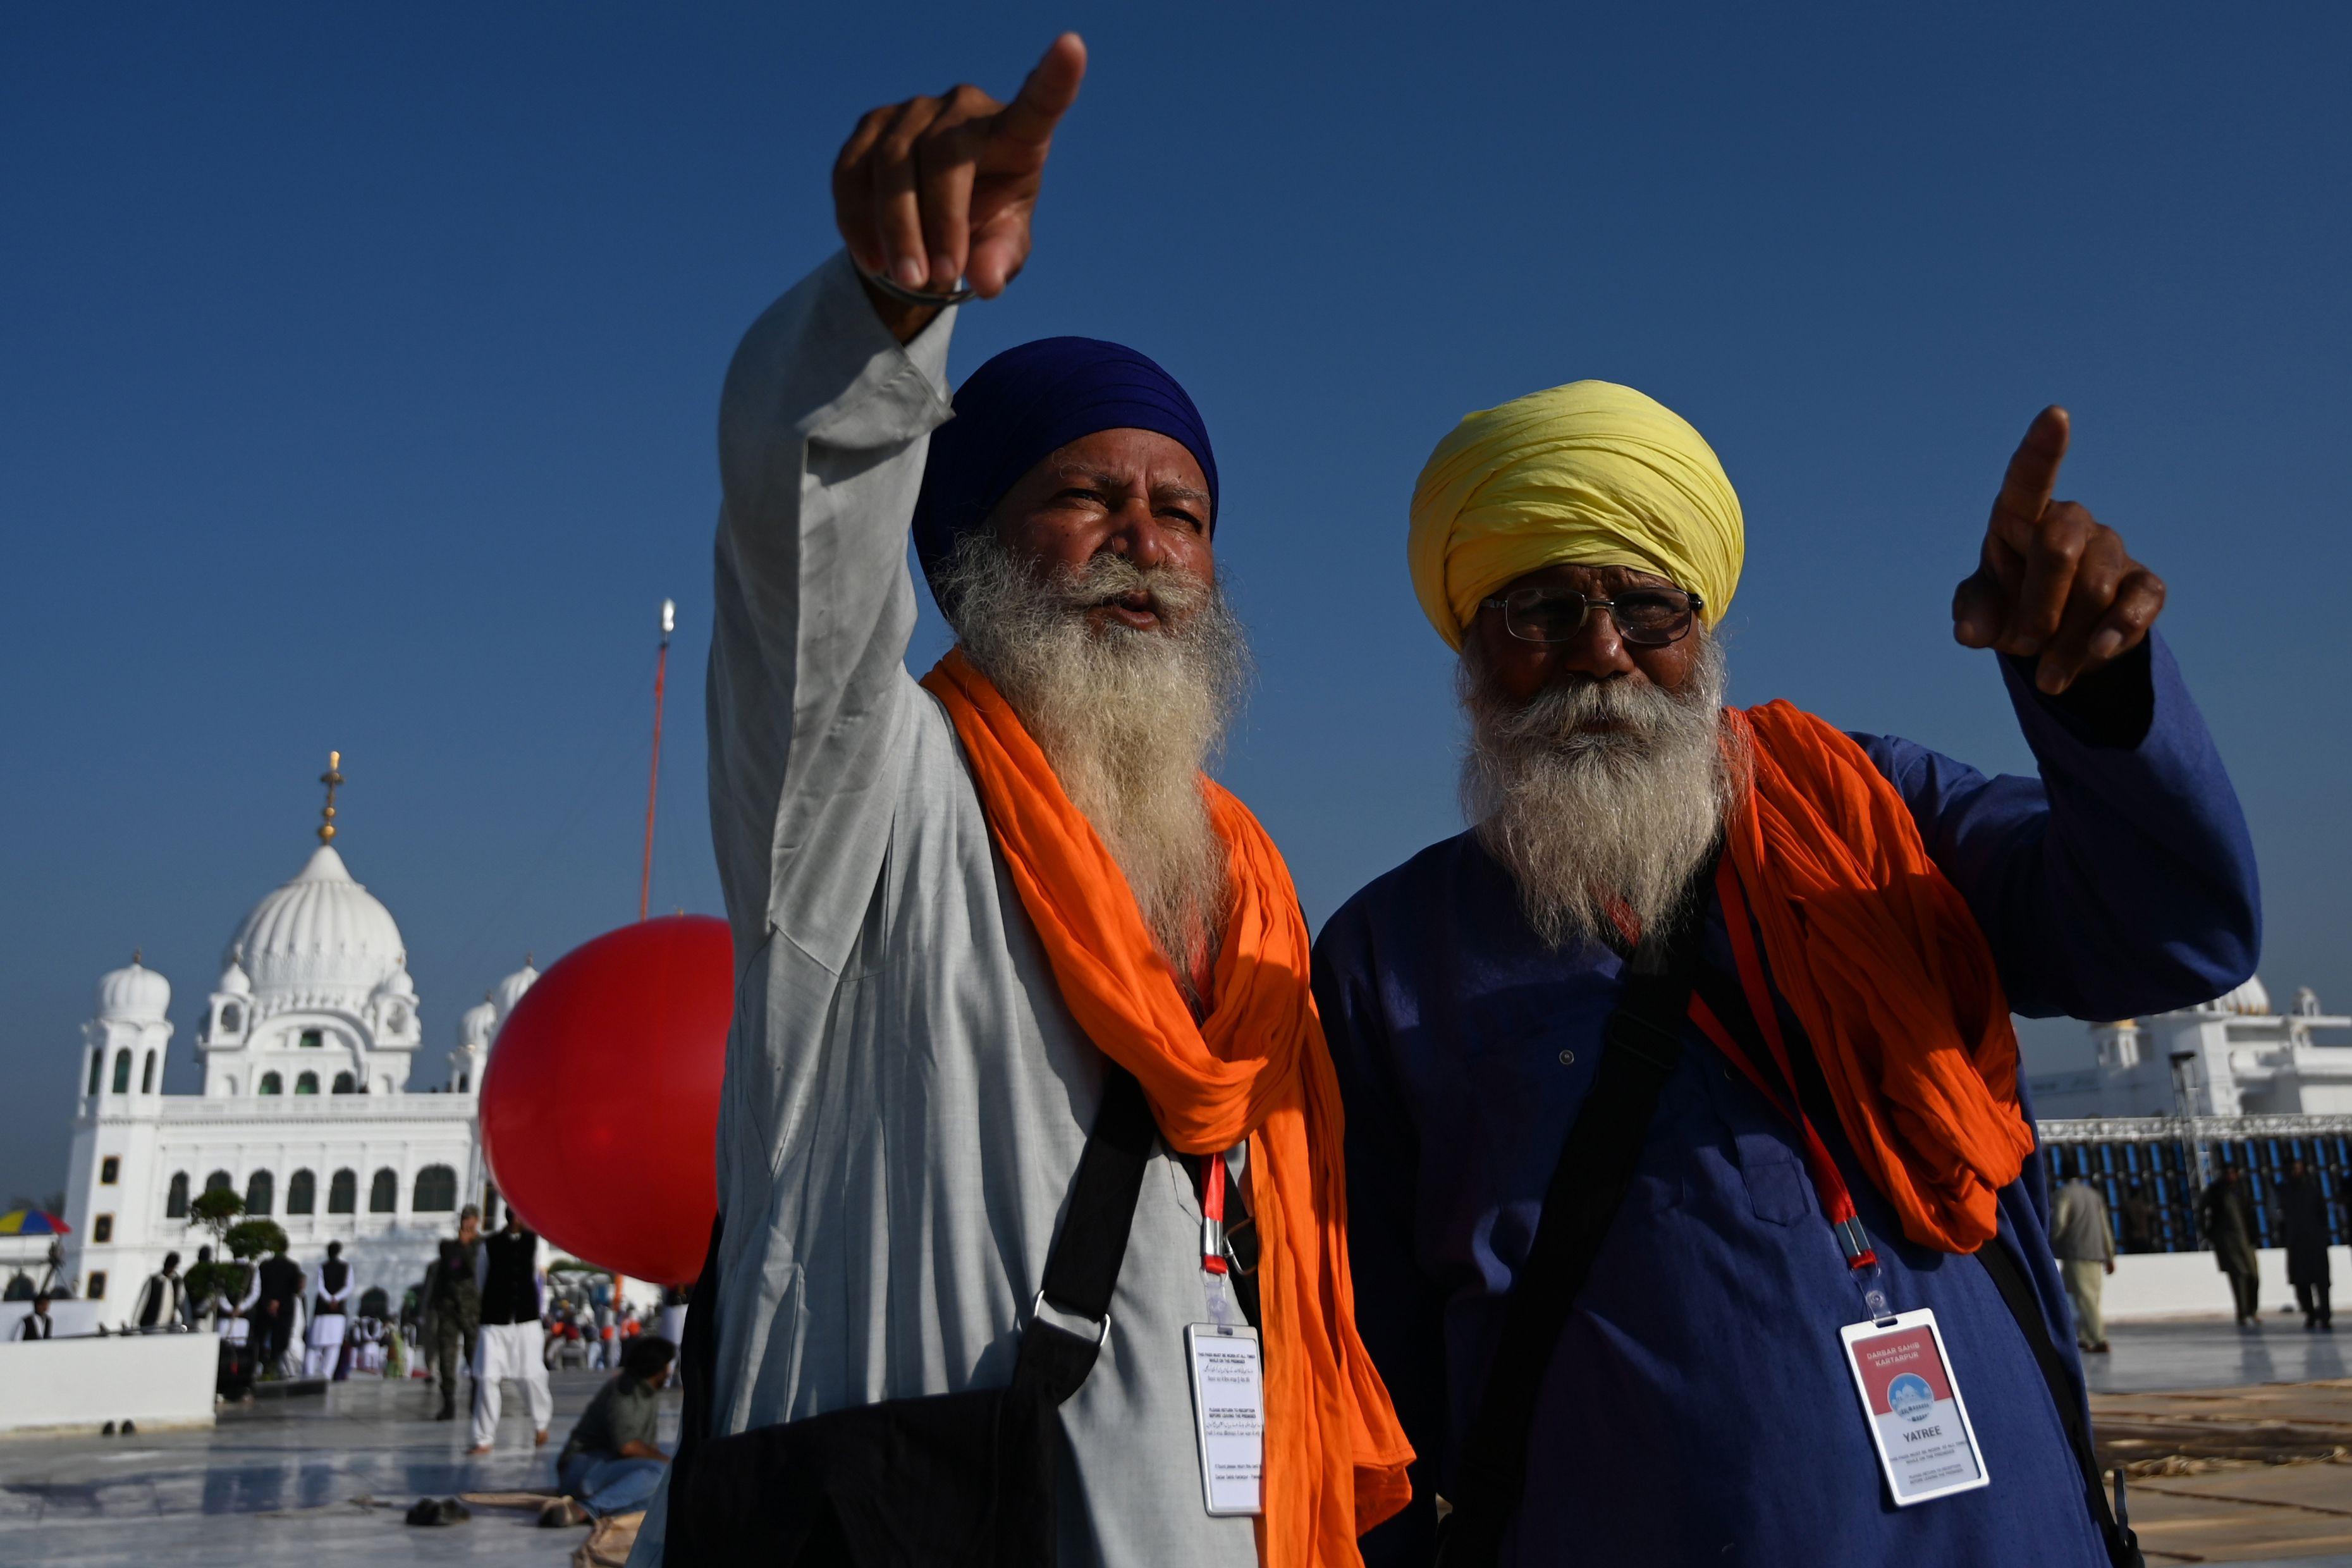 Sikh pilgrims point at the inauguration site of the Shrine of Baba Guru Nanak Dev at Gurdwara Darbar Sahib in Kartarpur. Photo: AFP